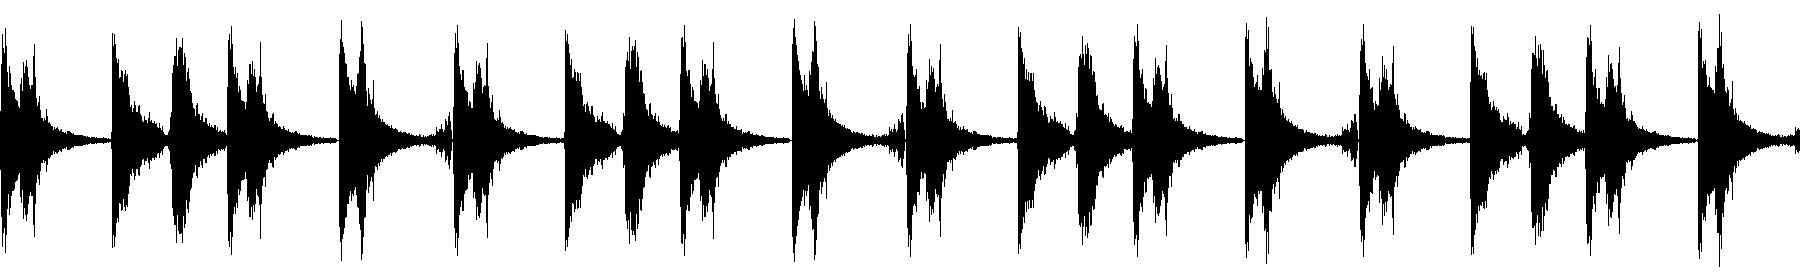 ehp percloop 127 23